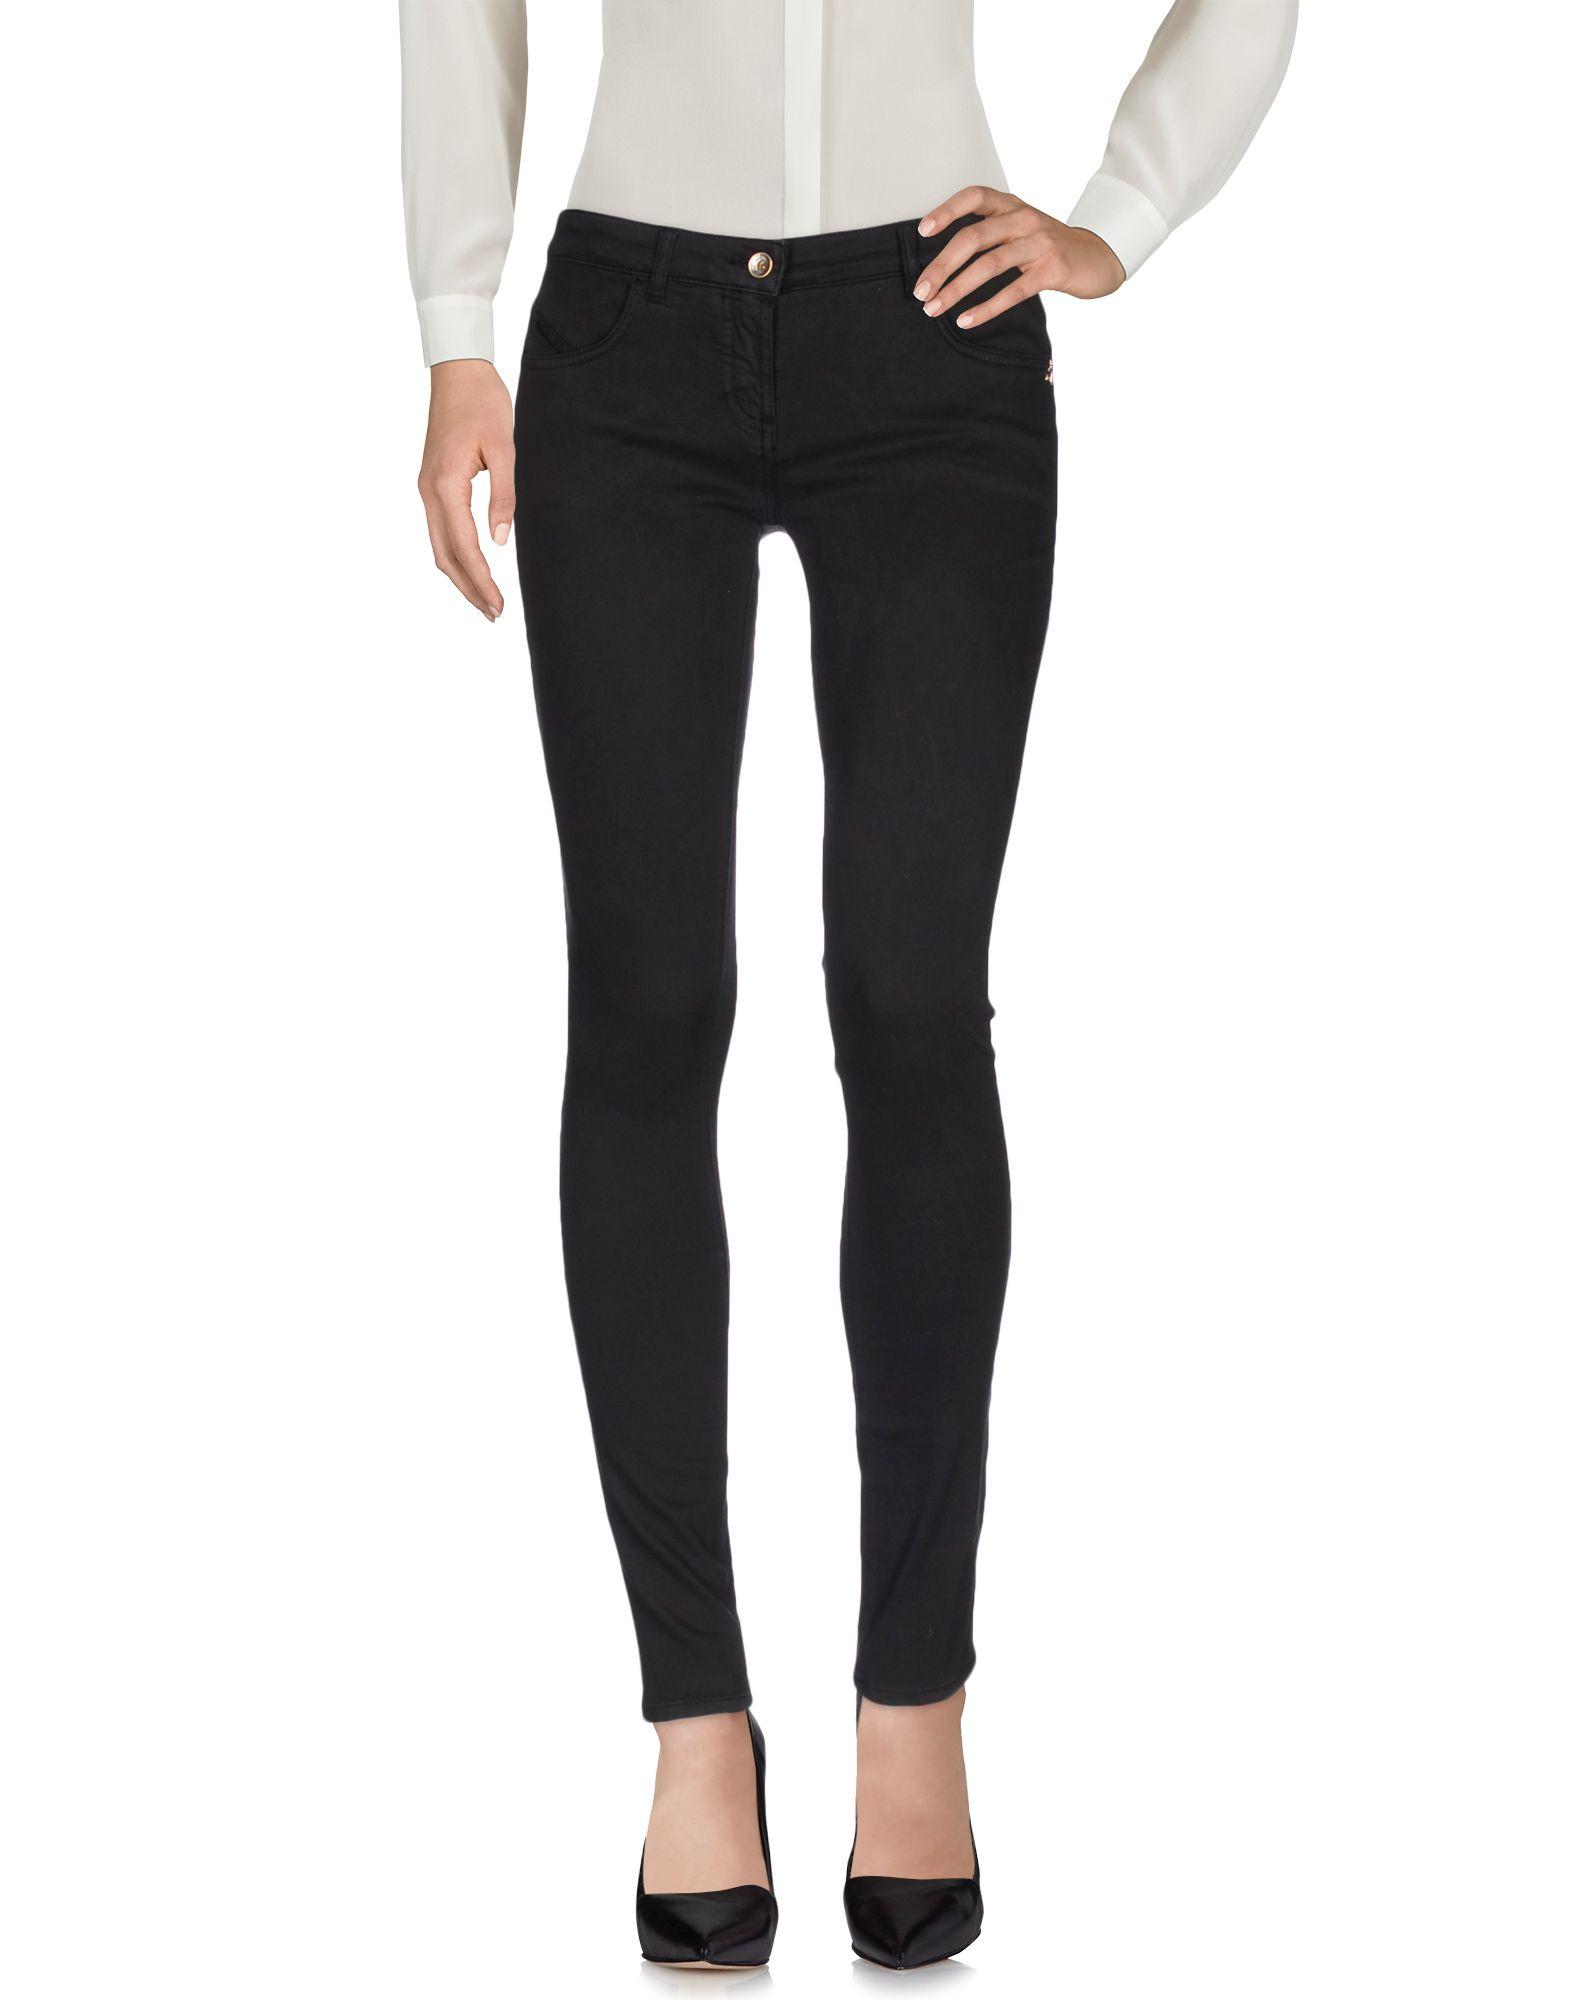 PATRIZIA PEPE Повседневные брюки patrizia pepe облегающие 5 карманные джинсы стрейч page 6 page 2